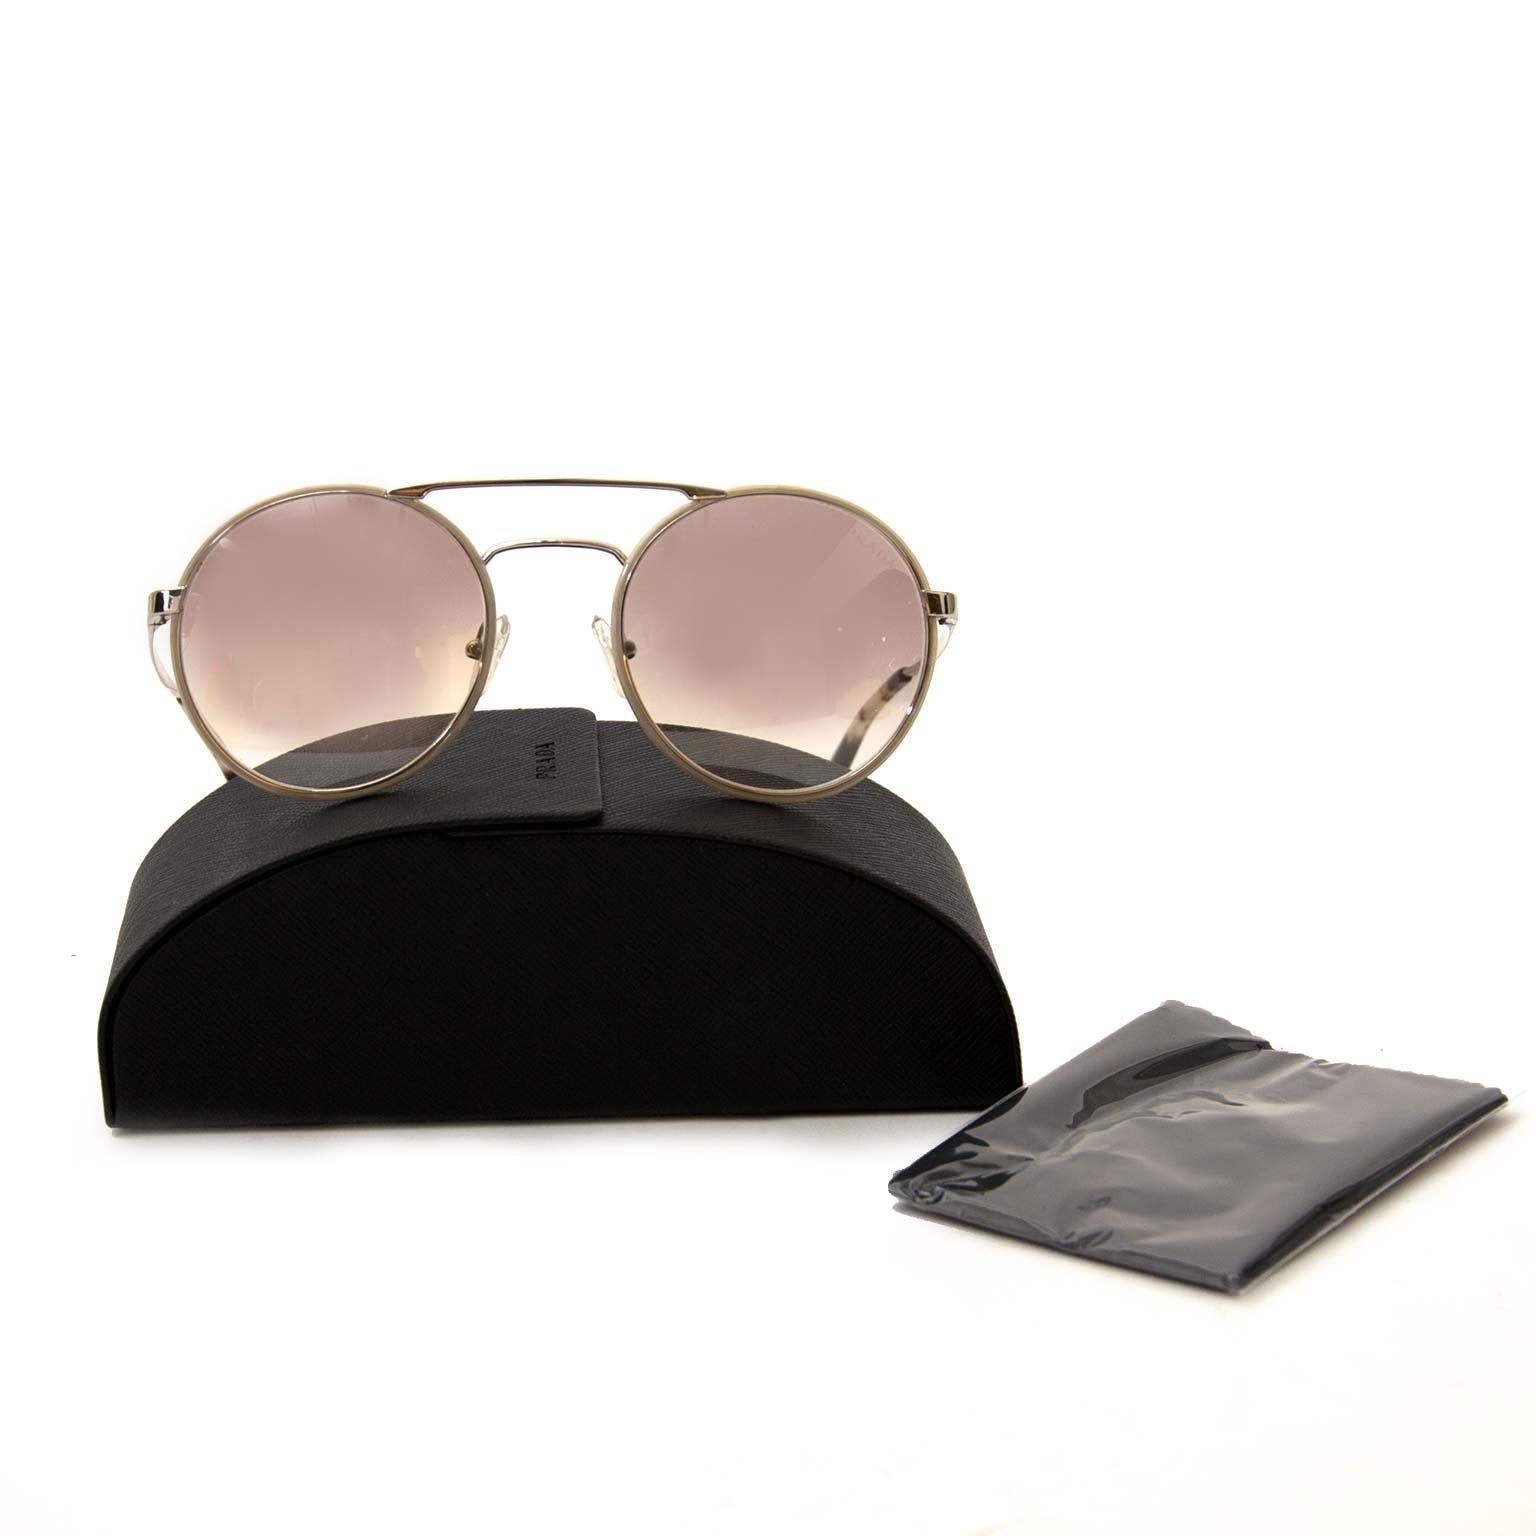 acheter en ligne chez labellov.com Prada Double Bridge Metal ronde lunettes au soleil